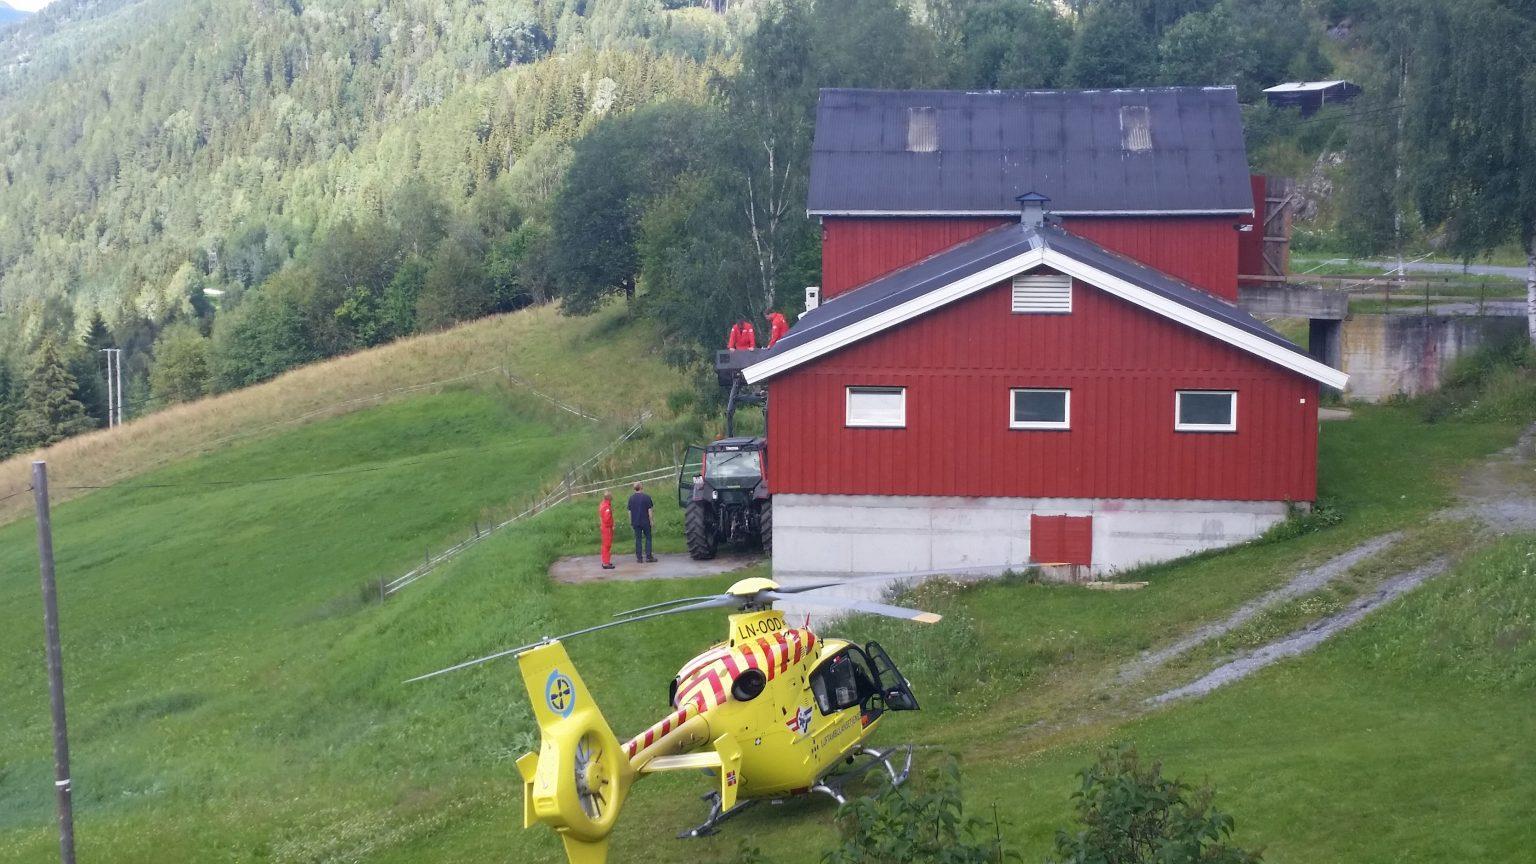 Her ser vi et værkamera plasseres på Guterud gård. Foto: Privat